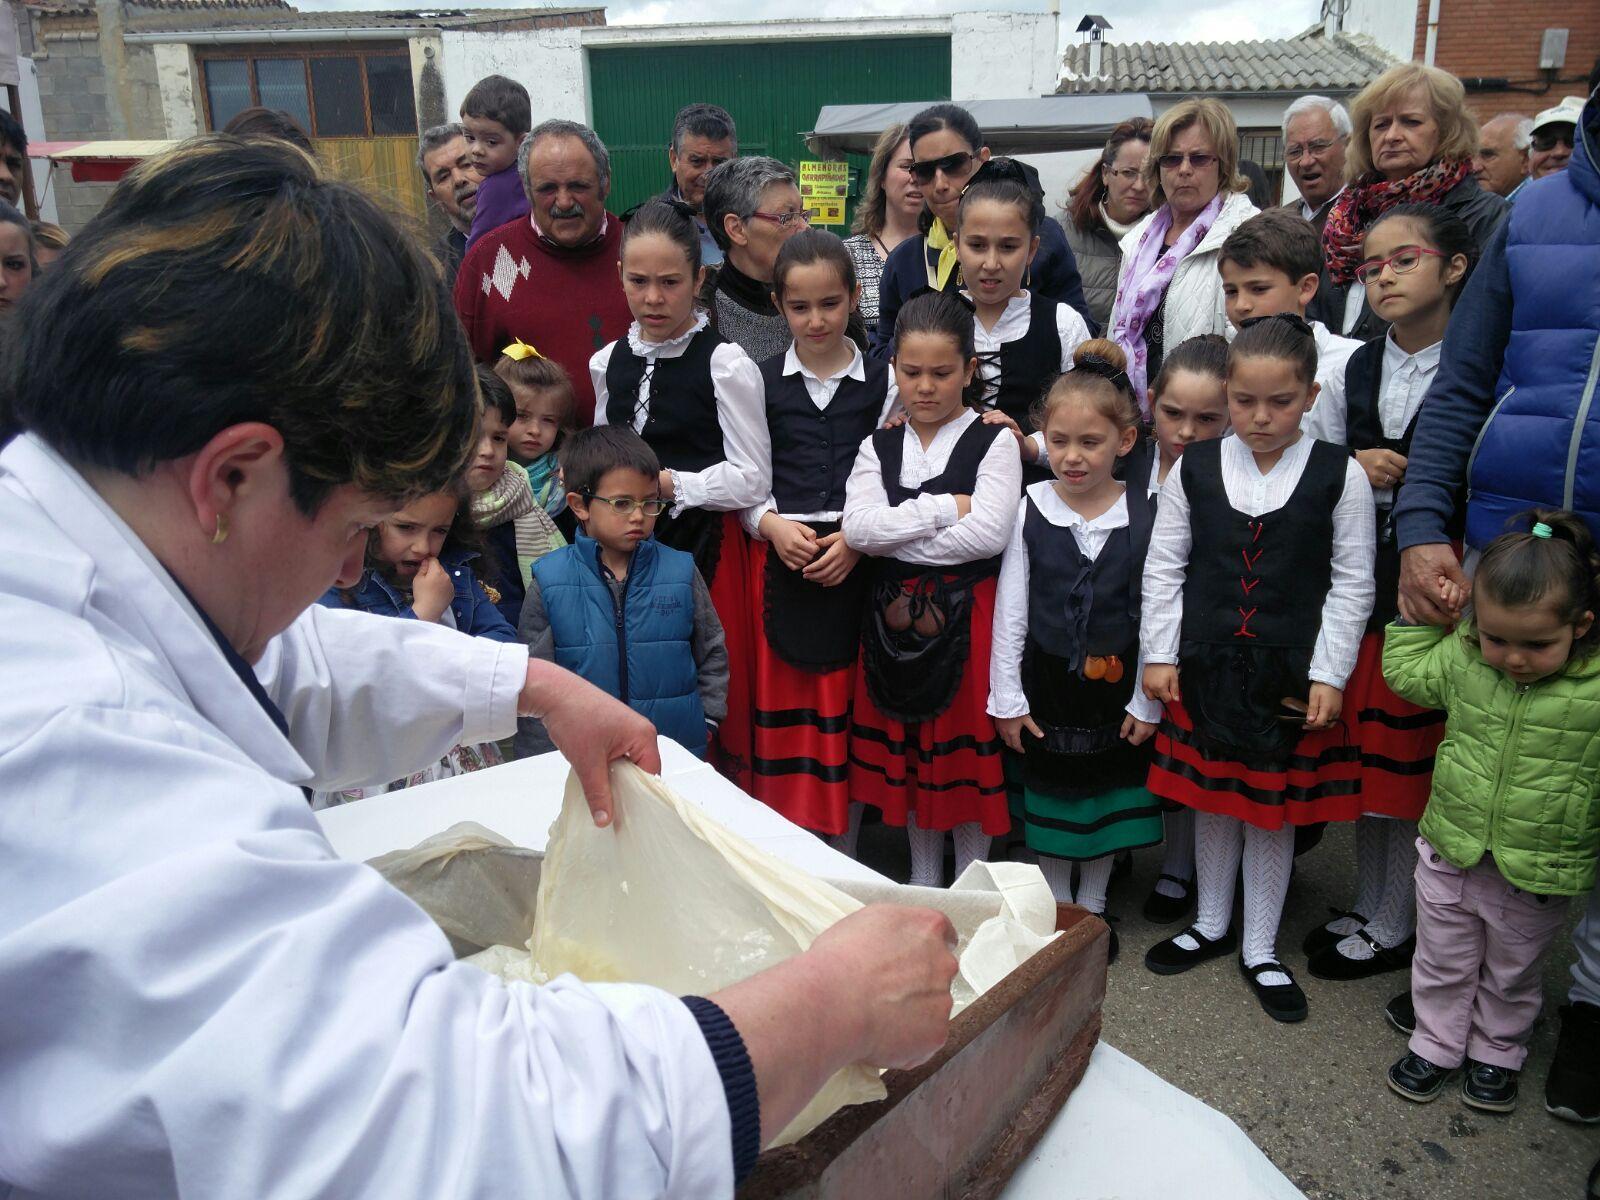 Fiestas de San Gregorio 2016